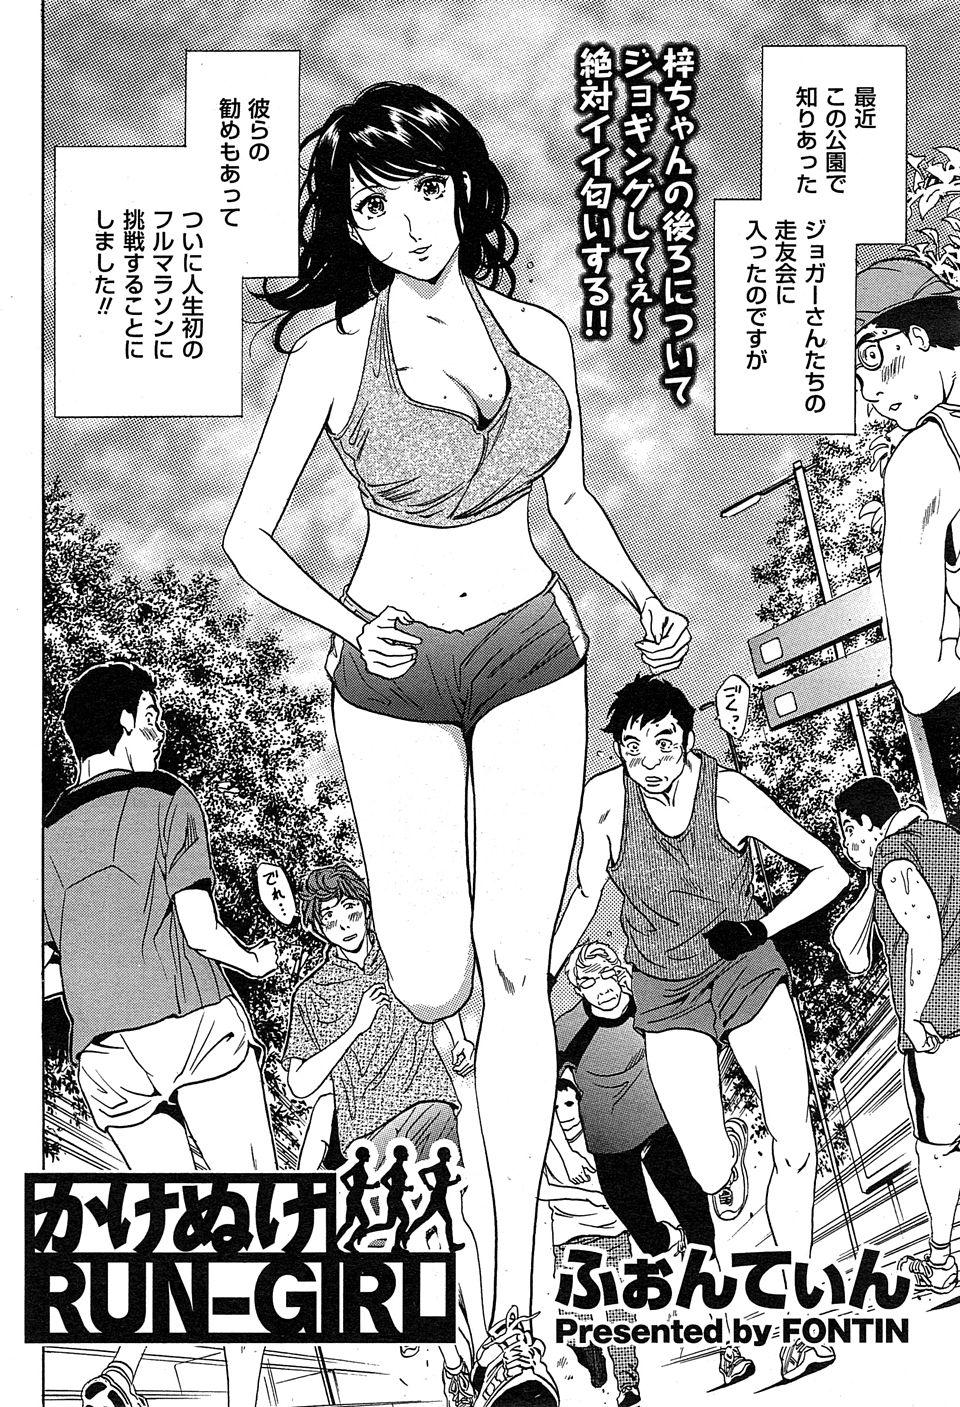 【エロ漫画・エロ同人誌】巨乳OLがジョギングの走友会仲間と乱交エッチしてるwww (2)